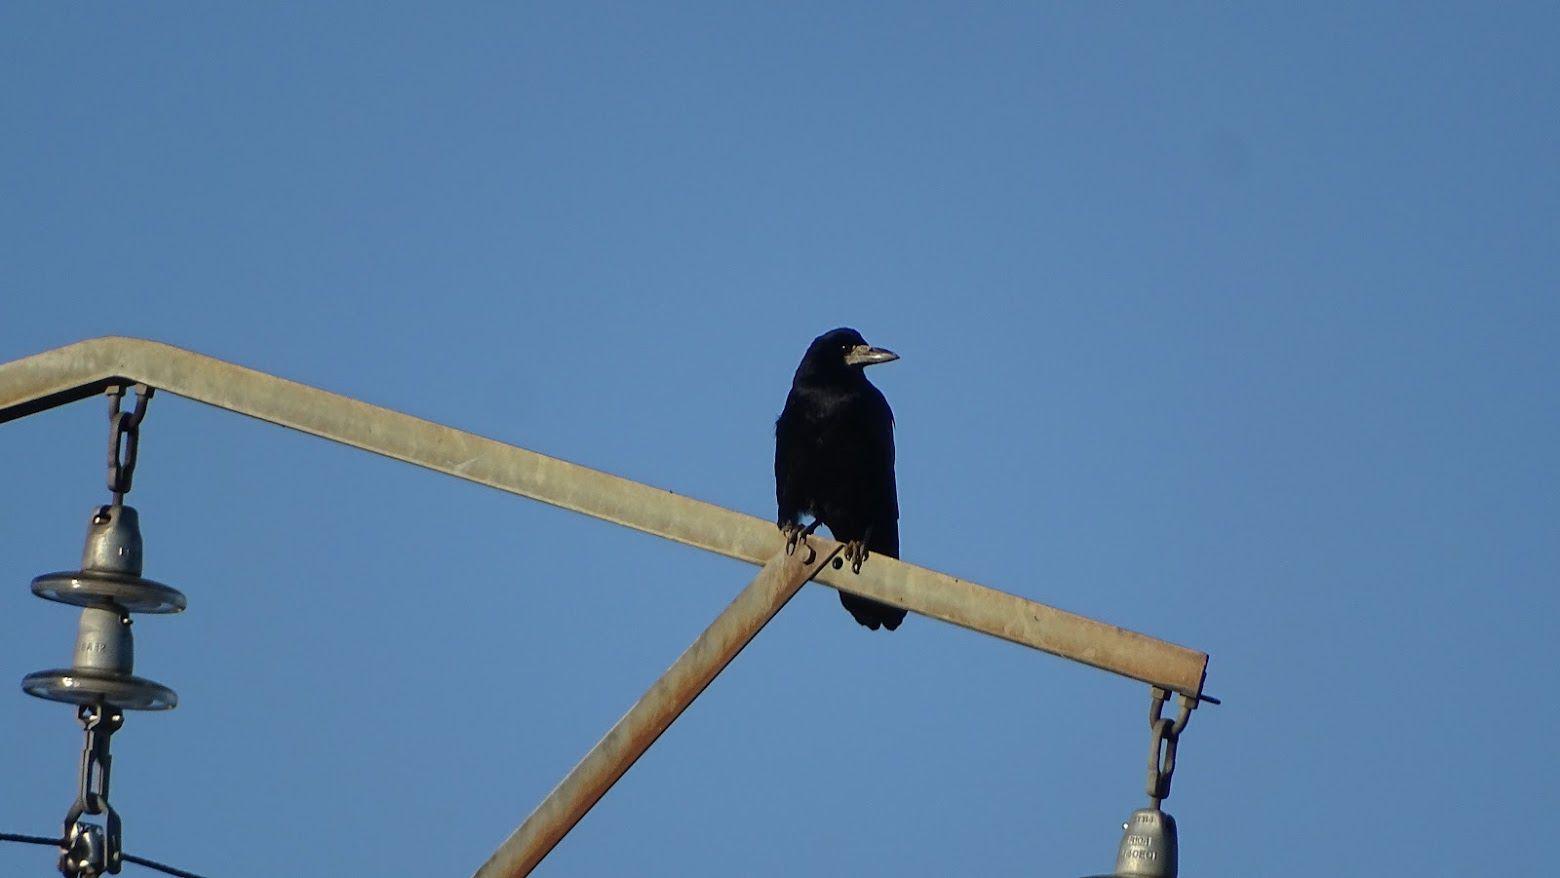 Très souvent confondu avec la corneille noire, le corbeau freux se différencie pourtant de celle-ci, par son bec pointu, blanchâtre, et dépourvu de plumes, contrairement à celui de la corneille qui est entièrement noir… Photos : JLS (Cliquez pour agrandir)